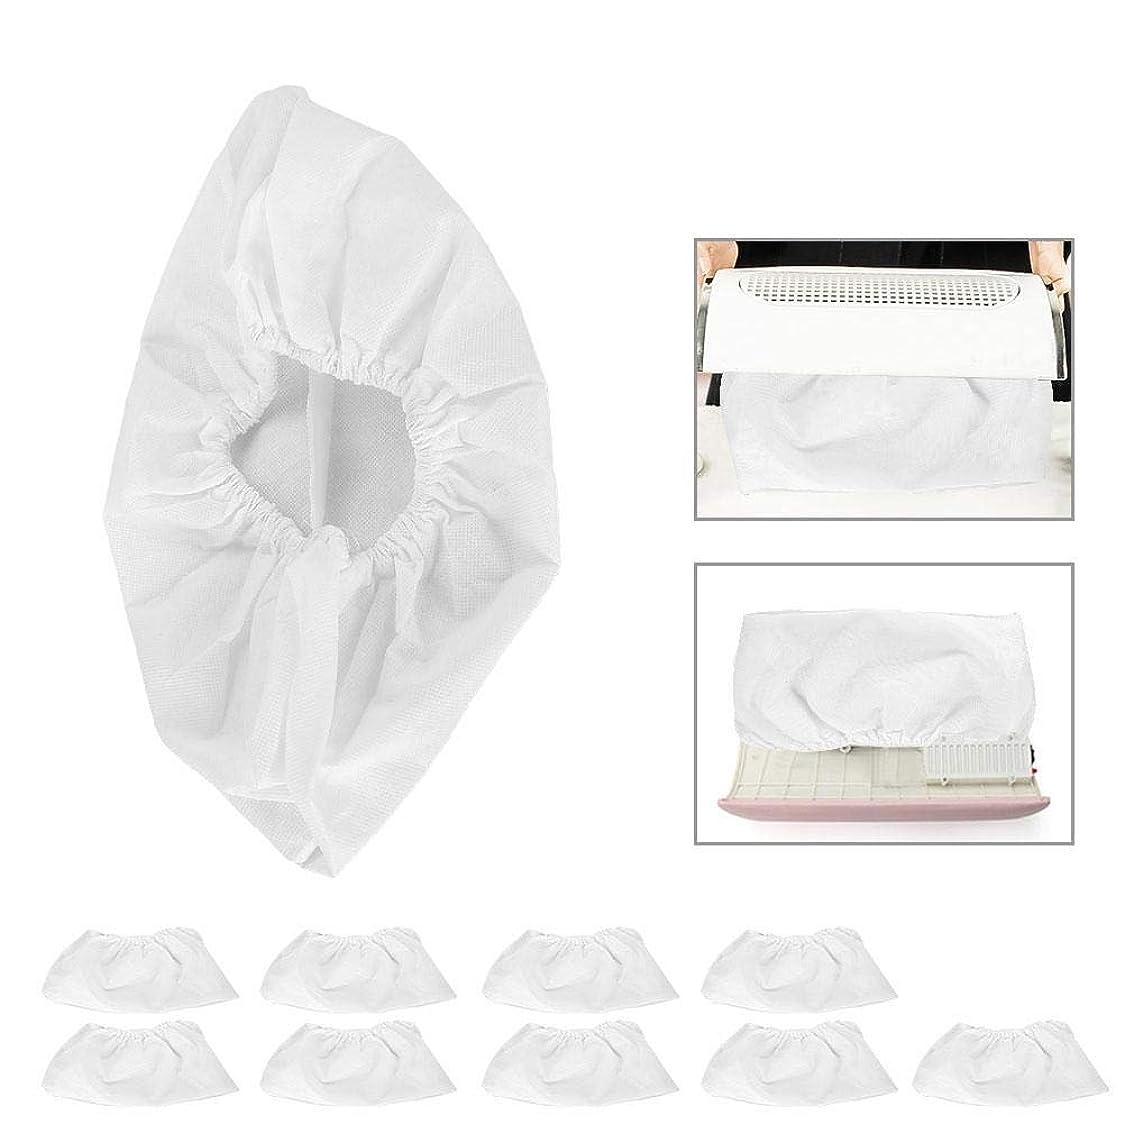 ごめんなさいキッチン適度に不織布ネイルダスト ダストバッグ ダスト集塵機用 替えバッグ クリーニングツール ネイルダスト吸引 ゴム入り 伸縮性あり 美容院 32.5x15.5cm (10個)